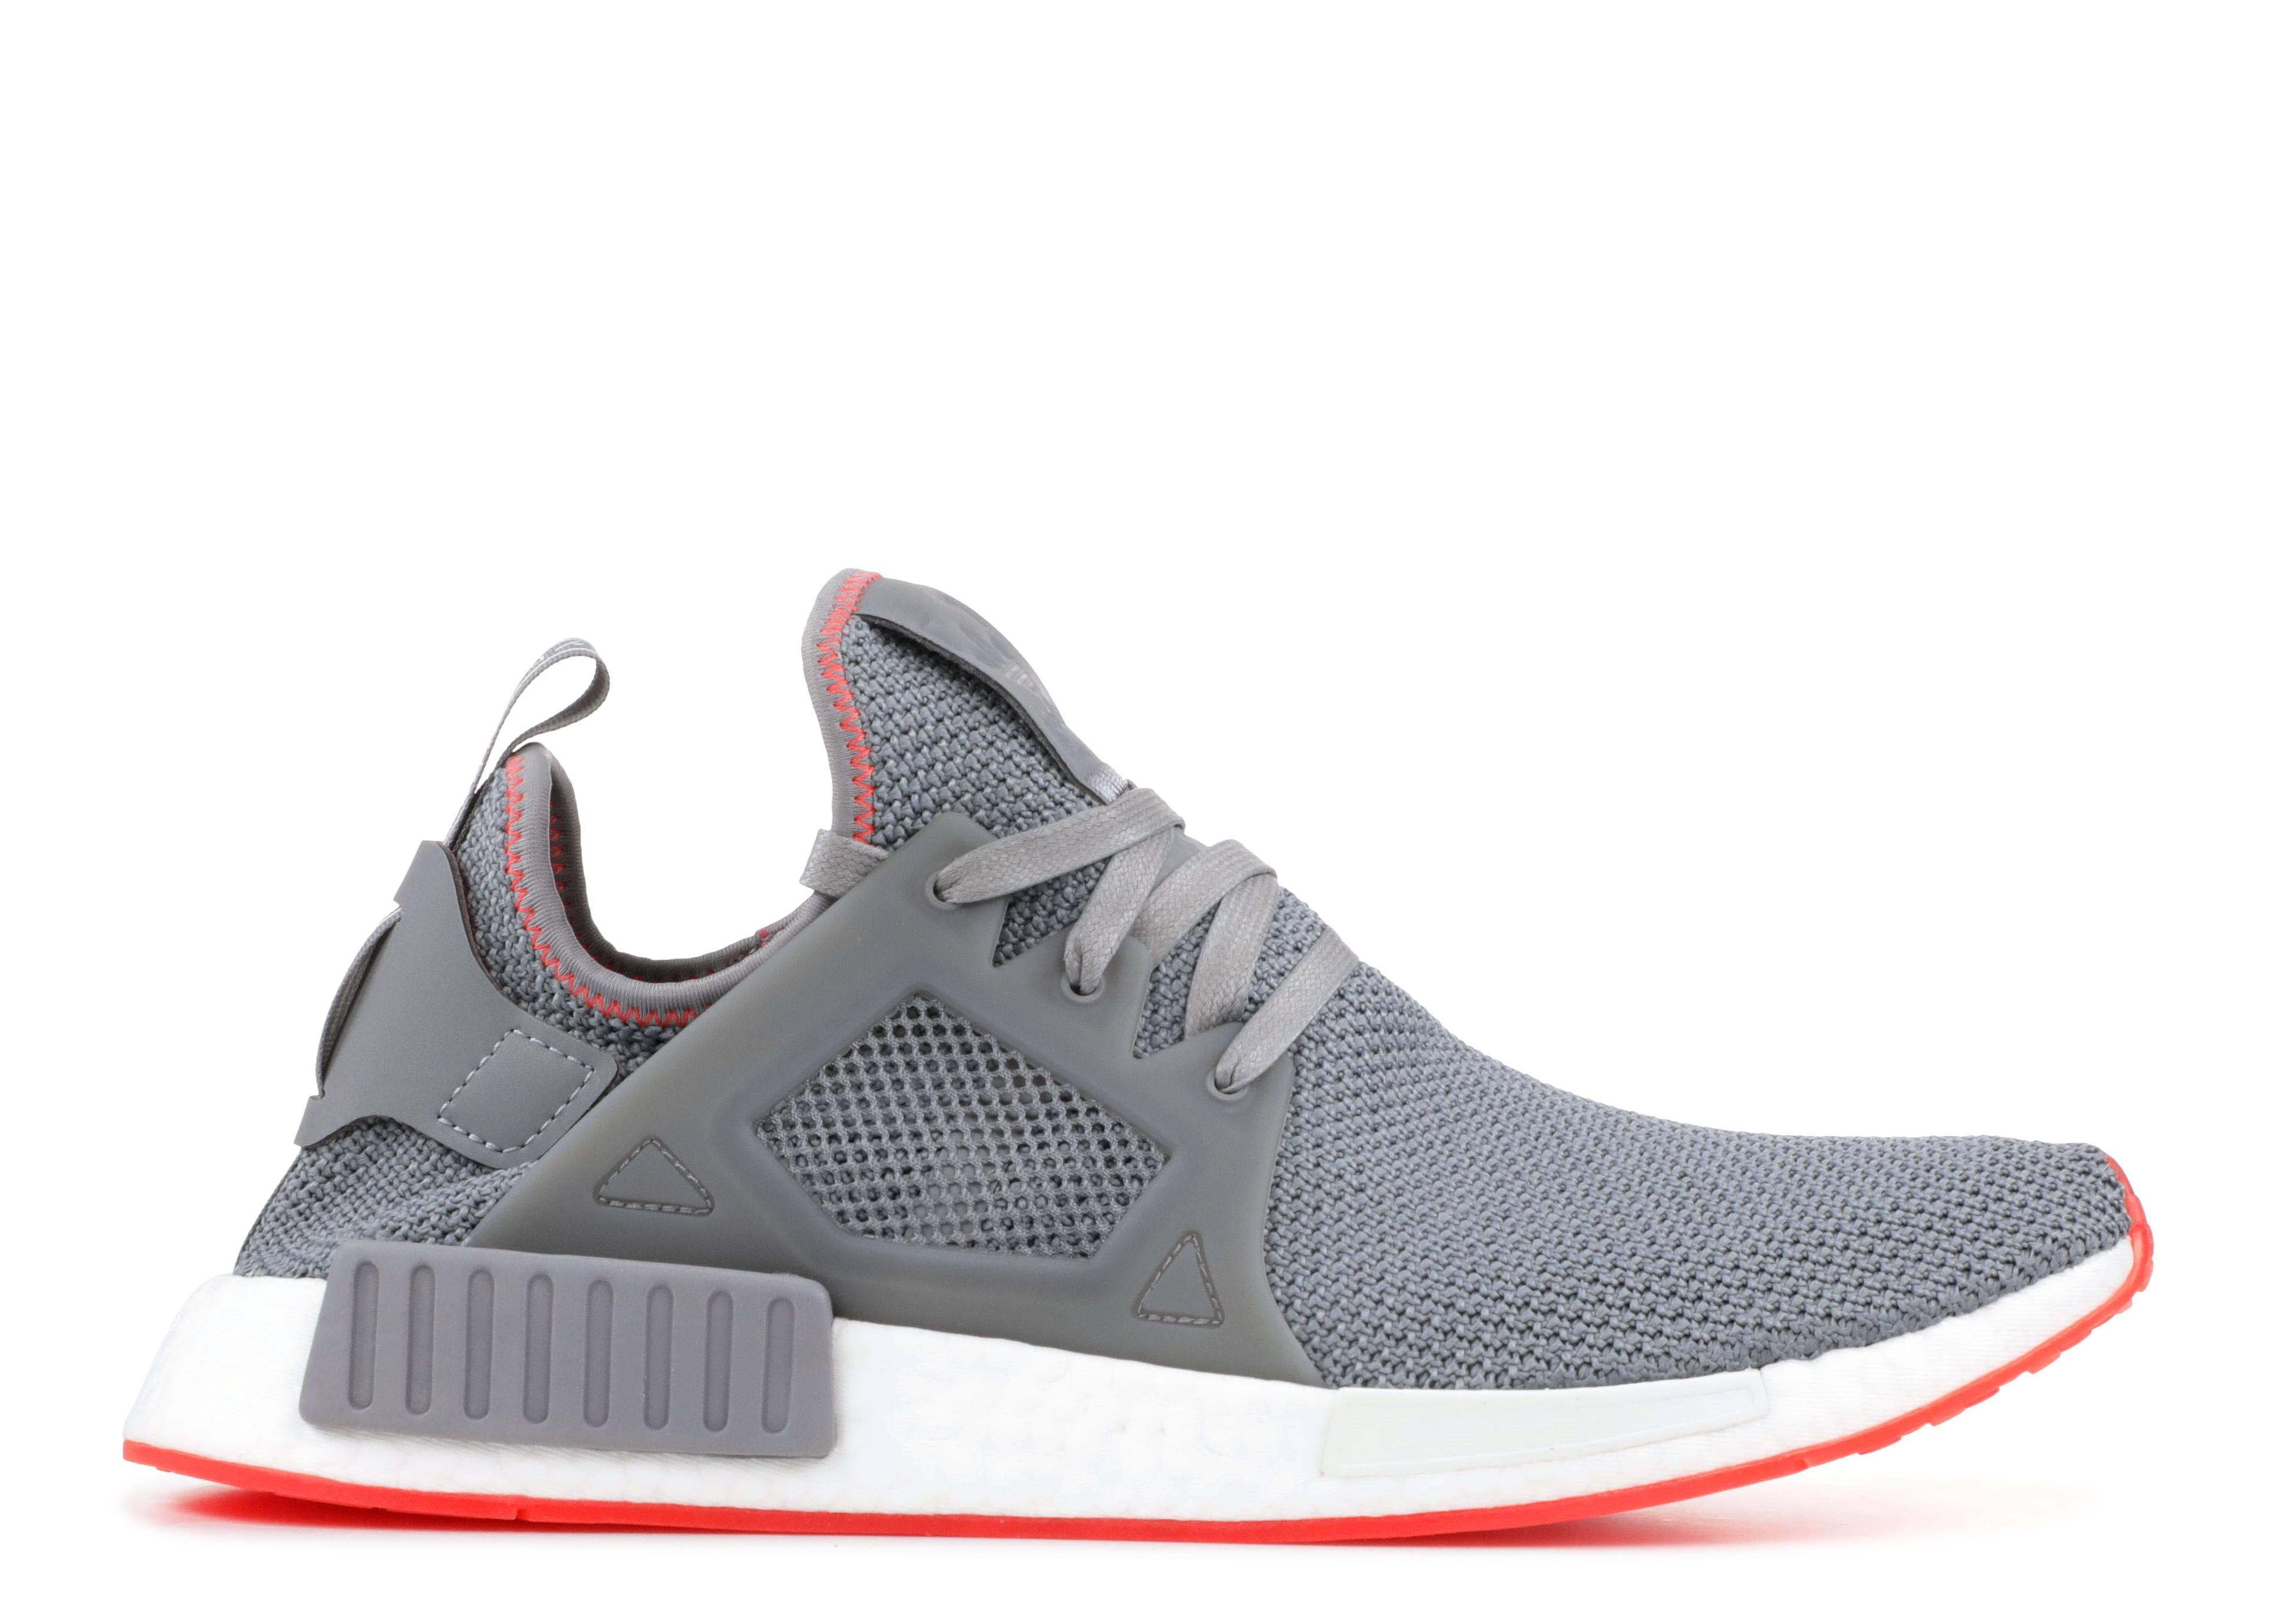 2c04102408675 Nmd Xr1 - Adidas - BY9925 - grey grey solar red